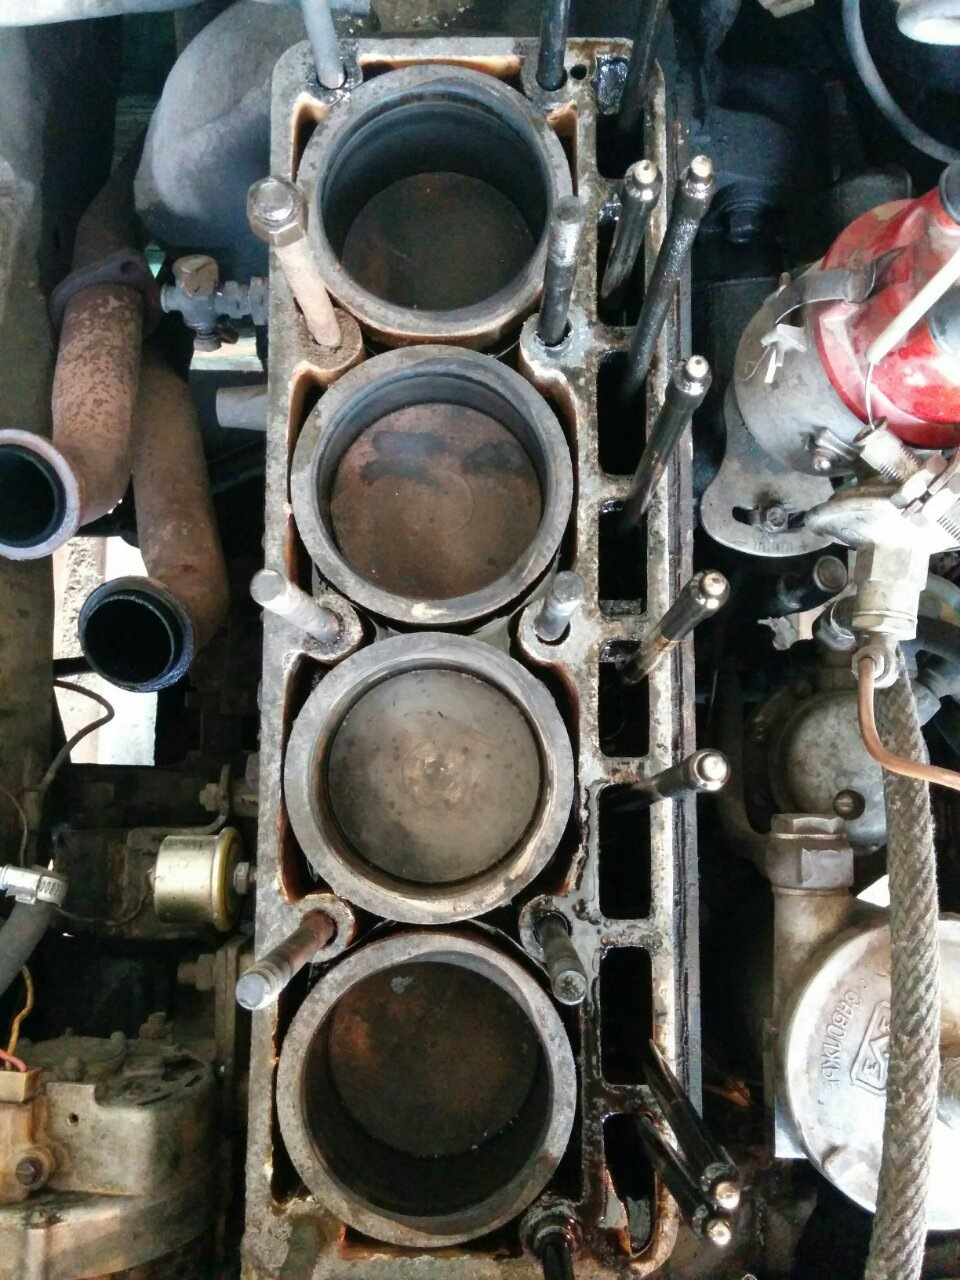 Сборка двигателя змз-402 своими руками фото 415